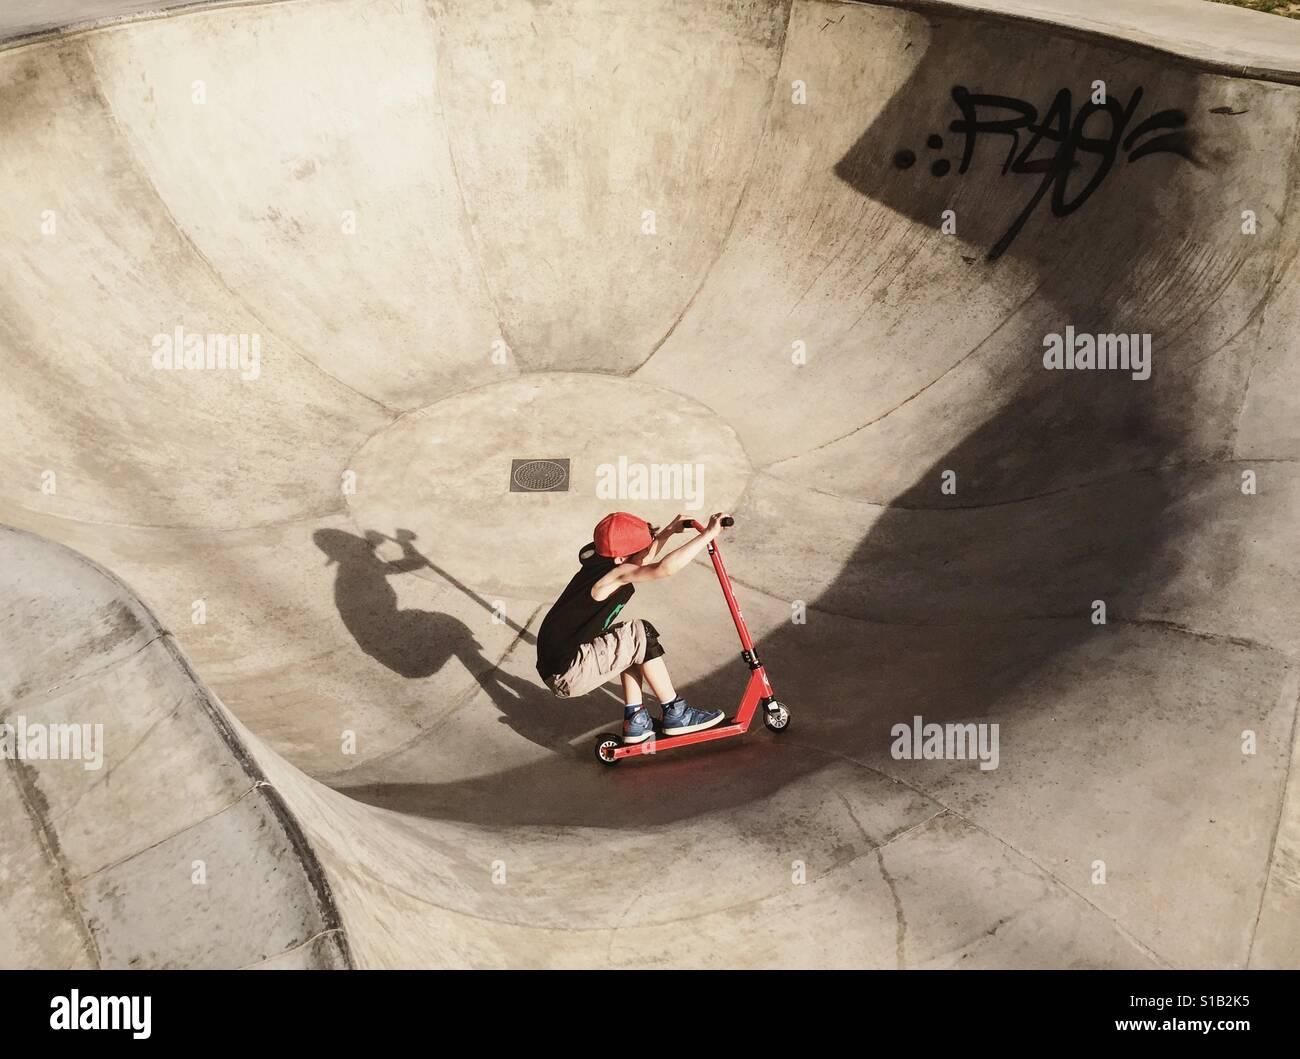 Junge auf einem Freestyle skateboard Stockfoto